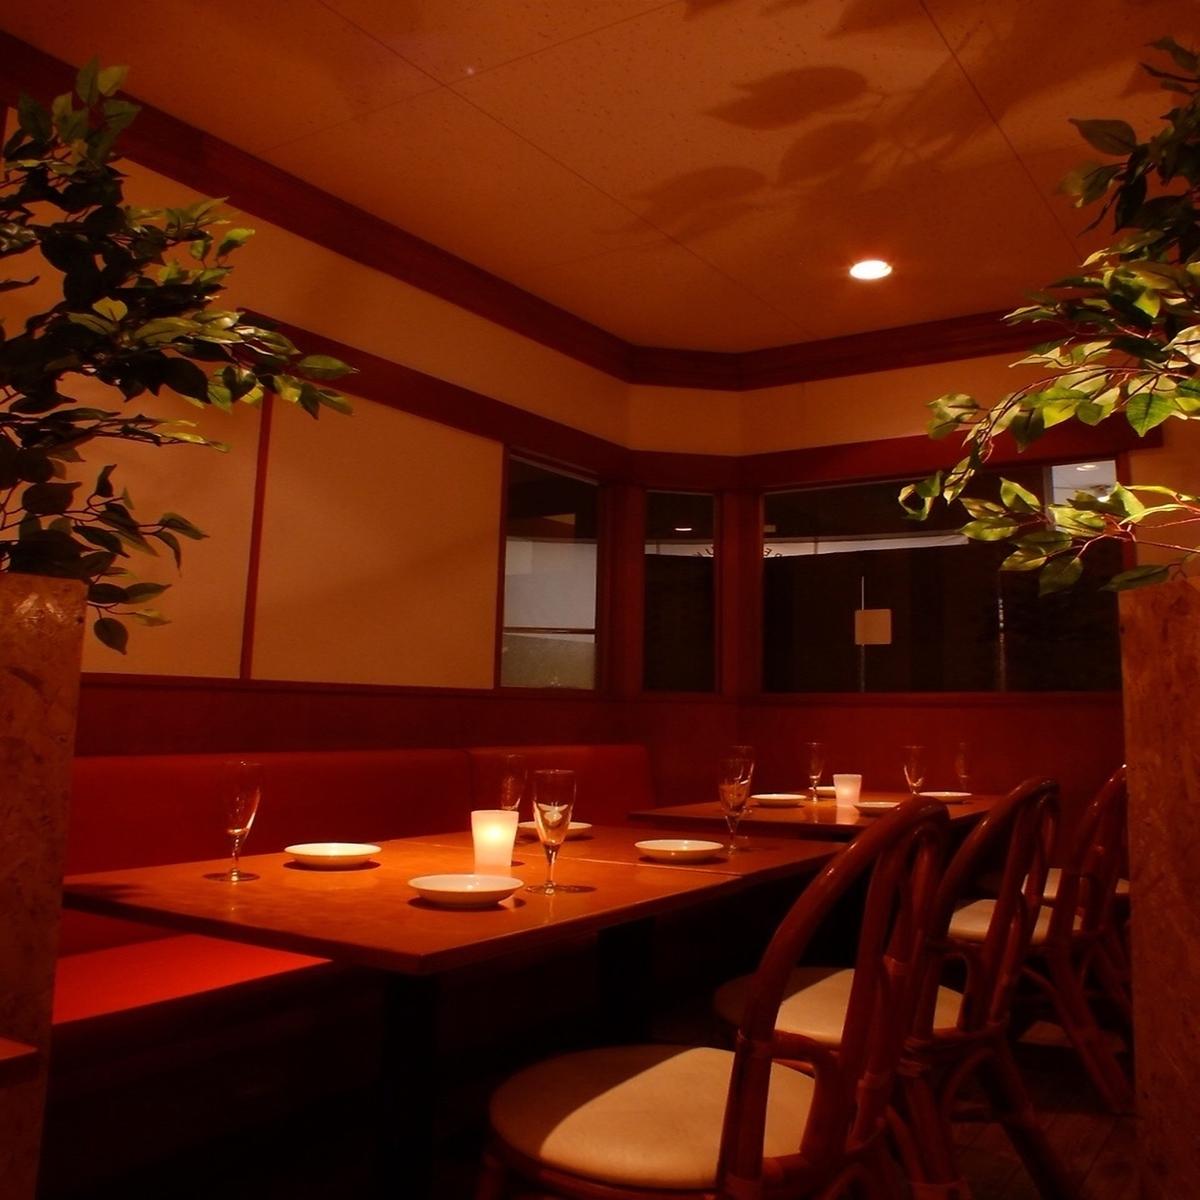 可容納5至8人的桌椅/與朋友聚會〜這是小型企業宴會的最佳座位。OK椅子和沙發座椅可供5至8人使用